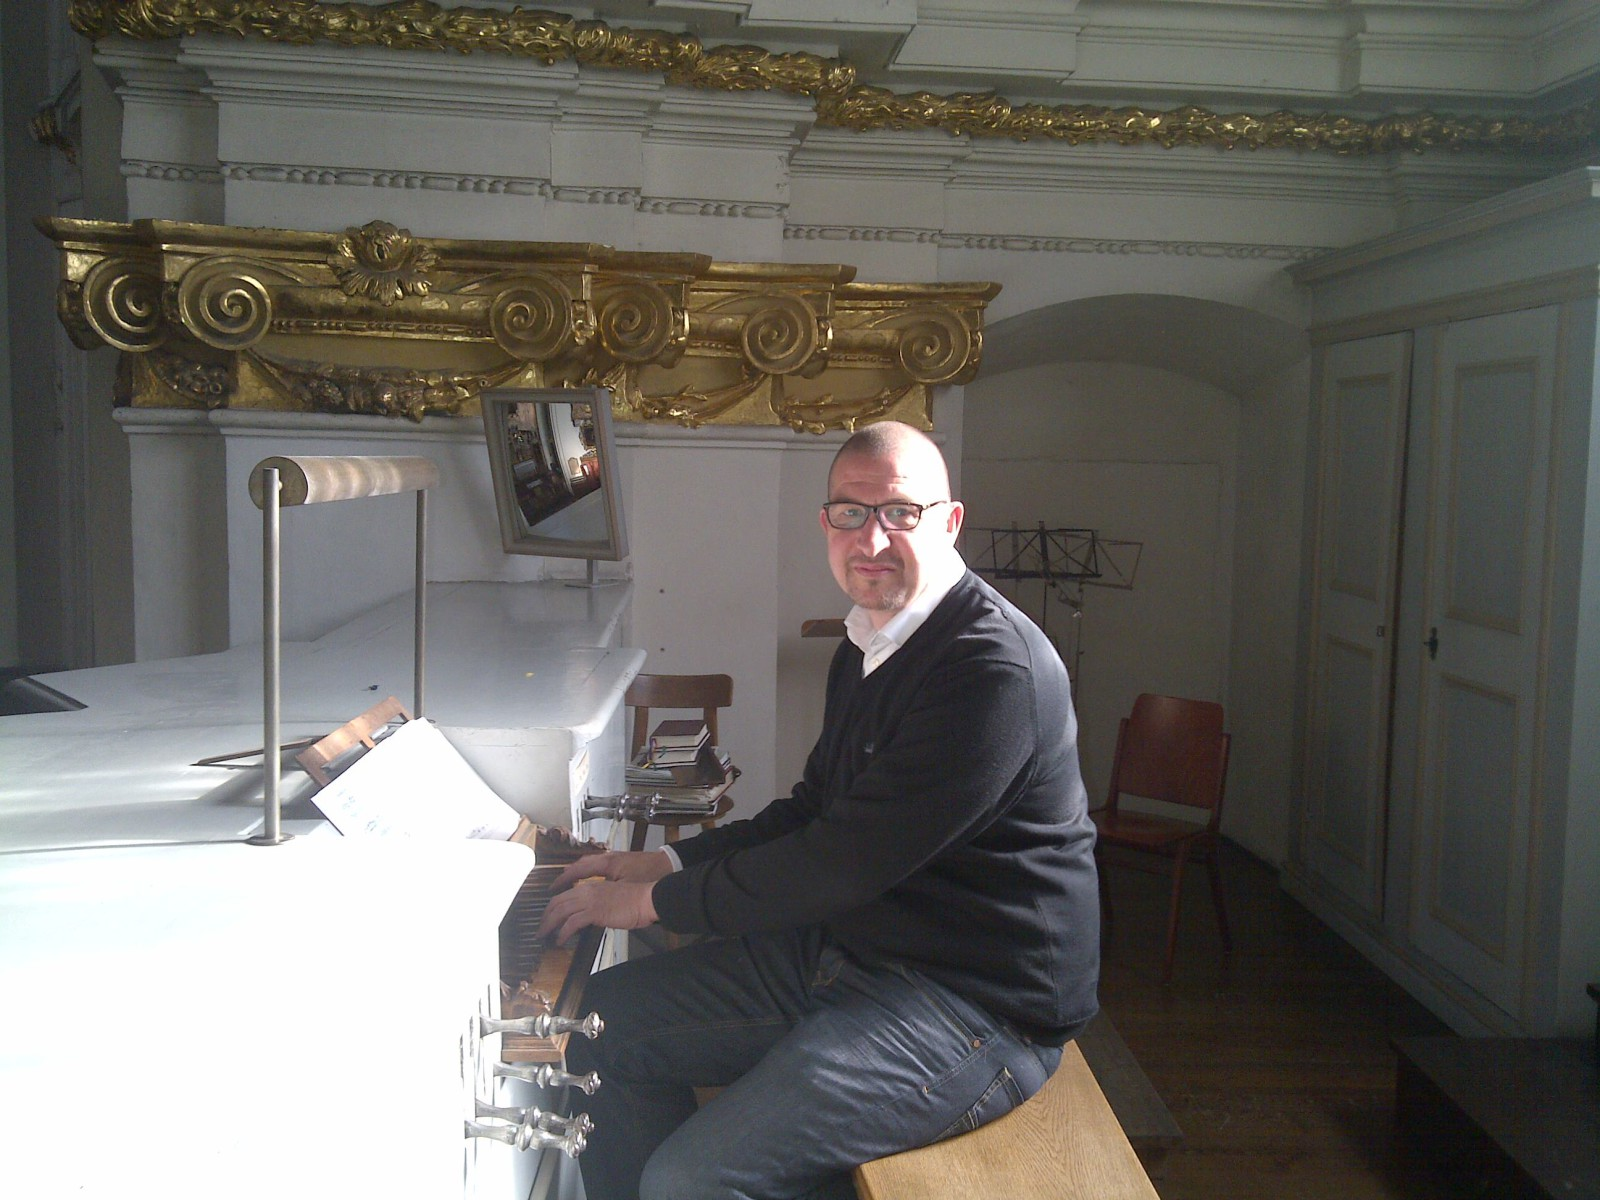 Armin Kircher an der ältesten, erhaltenen Orgel Salzburgs